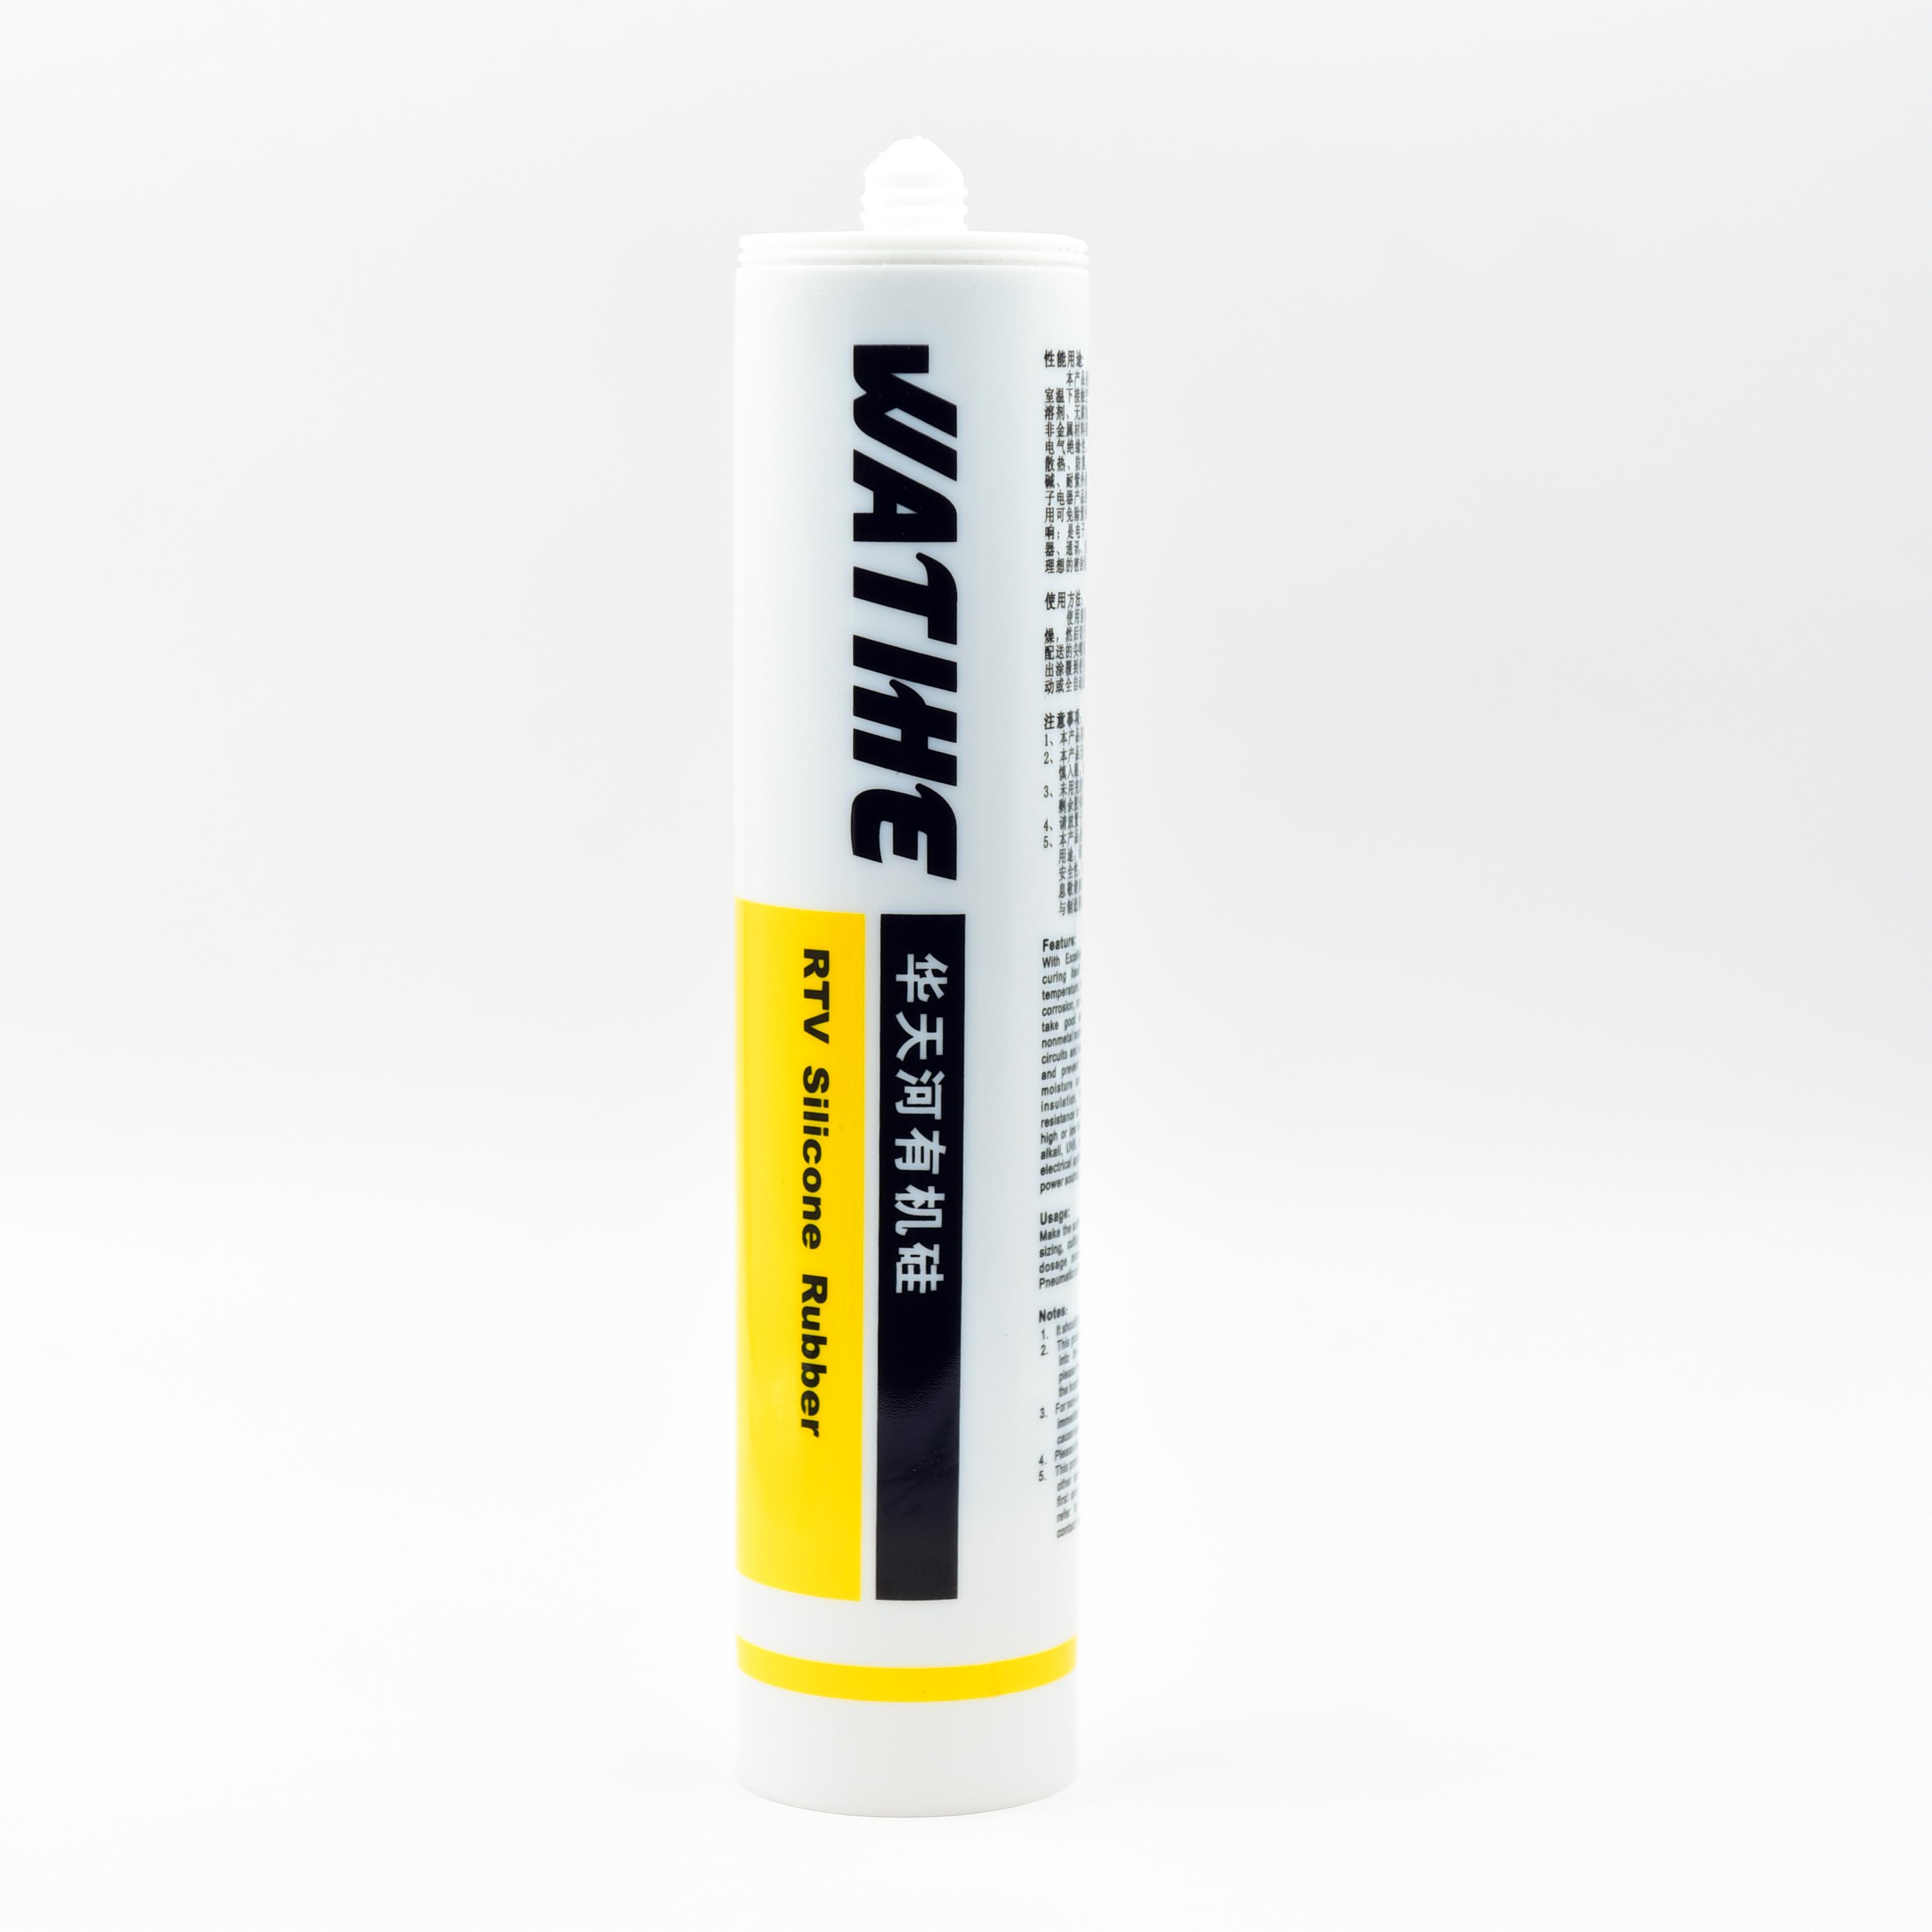 平面密封硅橡胶 1平面密封硅橡胶